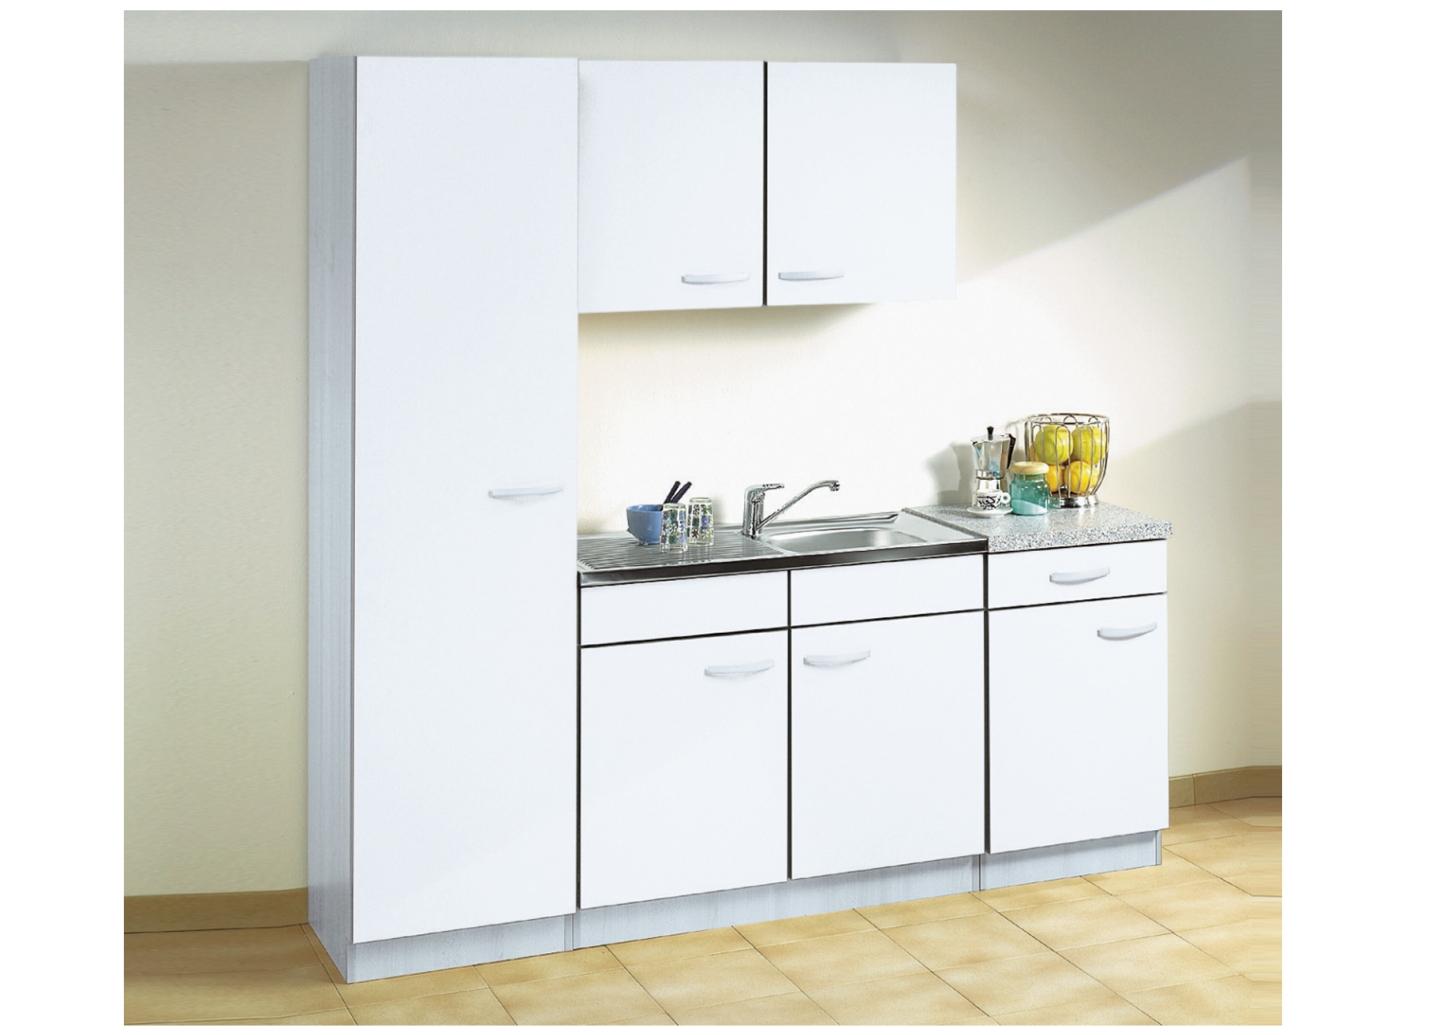 Küchenmöbel  Küchenmöbel verschiedene Ausführungen - Küchenmöbel | BADER